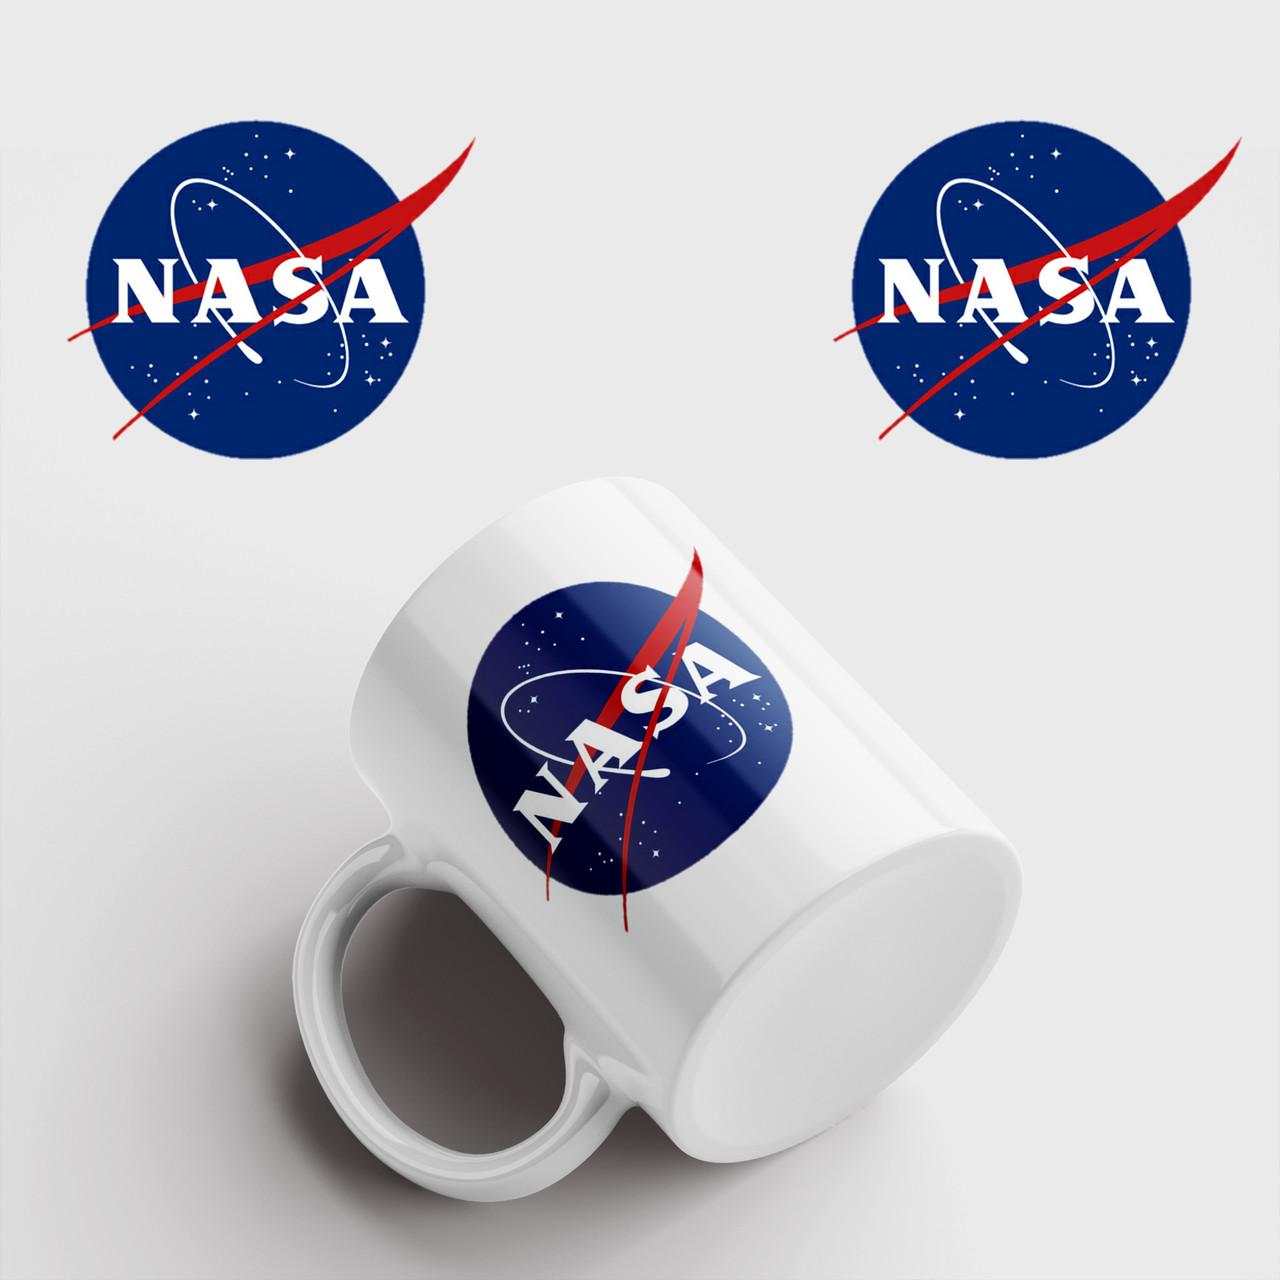 Кружка с принтом NASA. НАСА. Чашка с фото